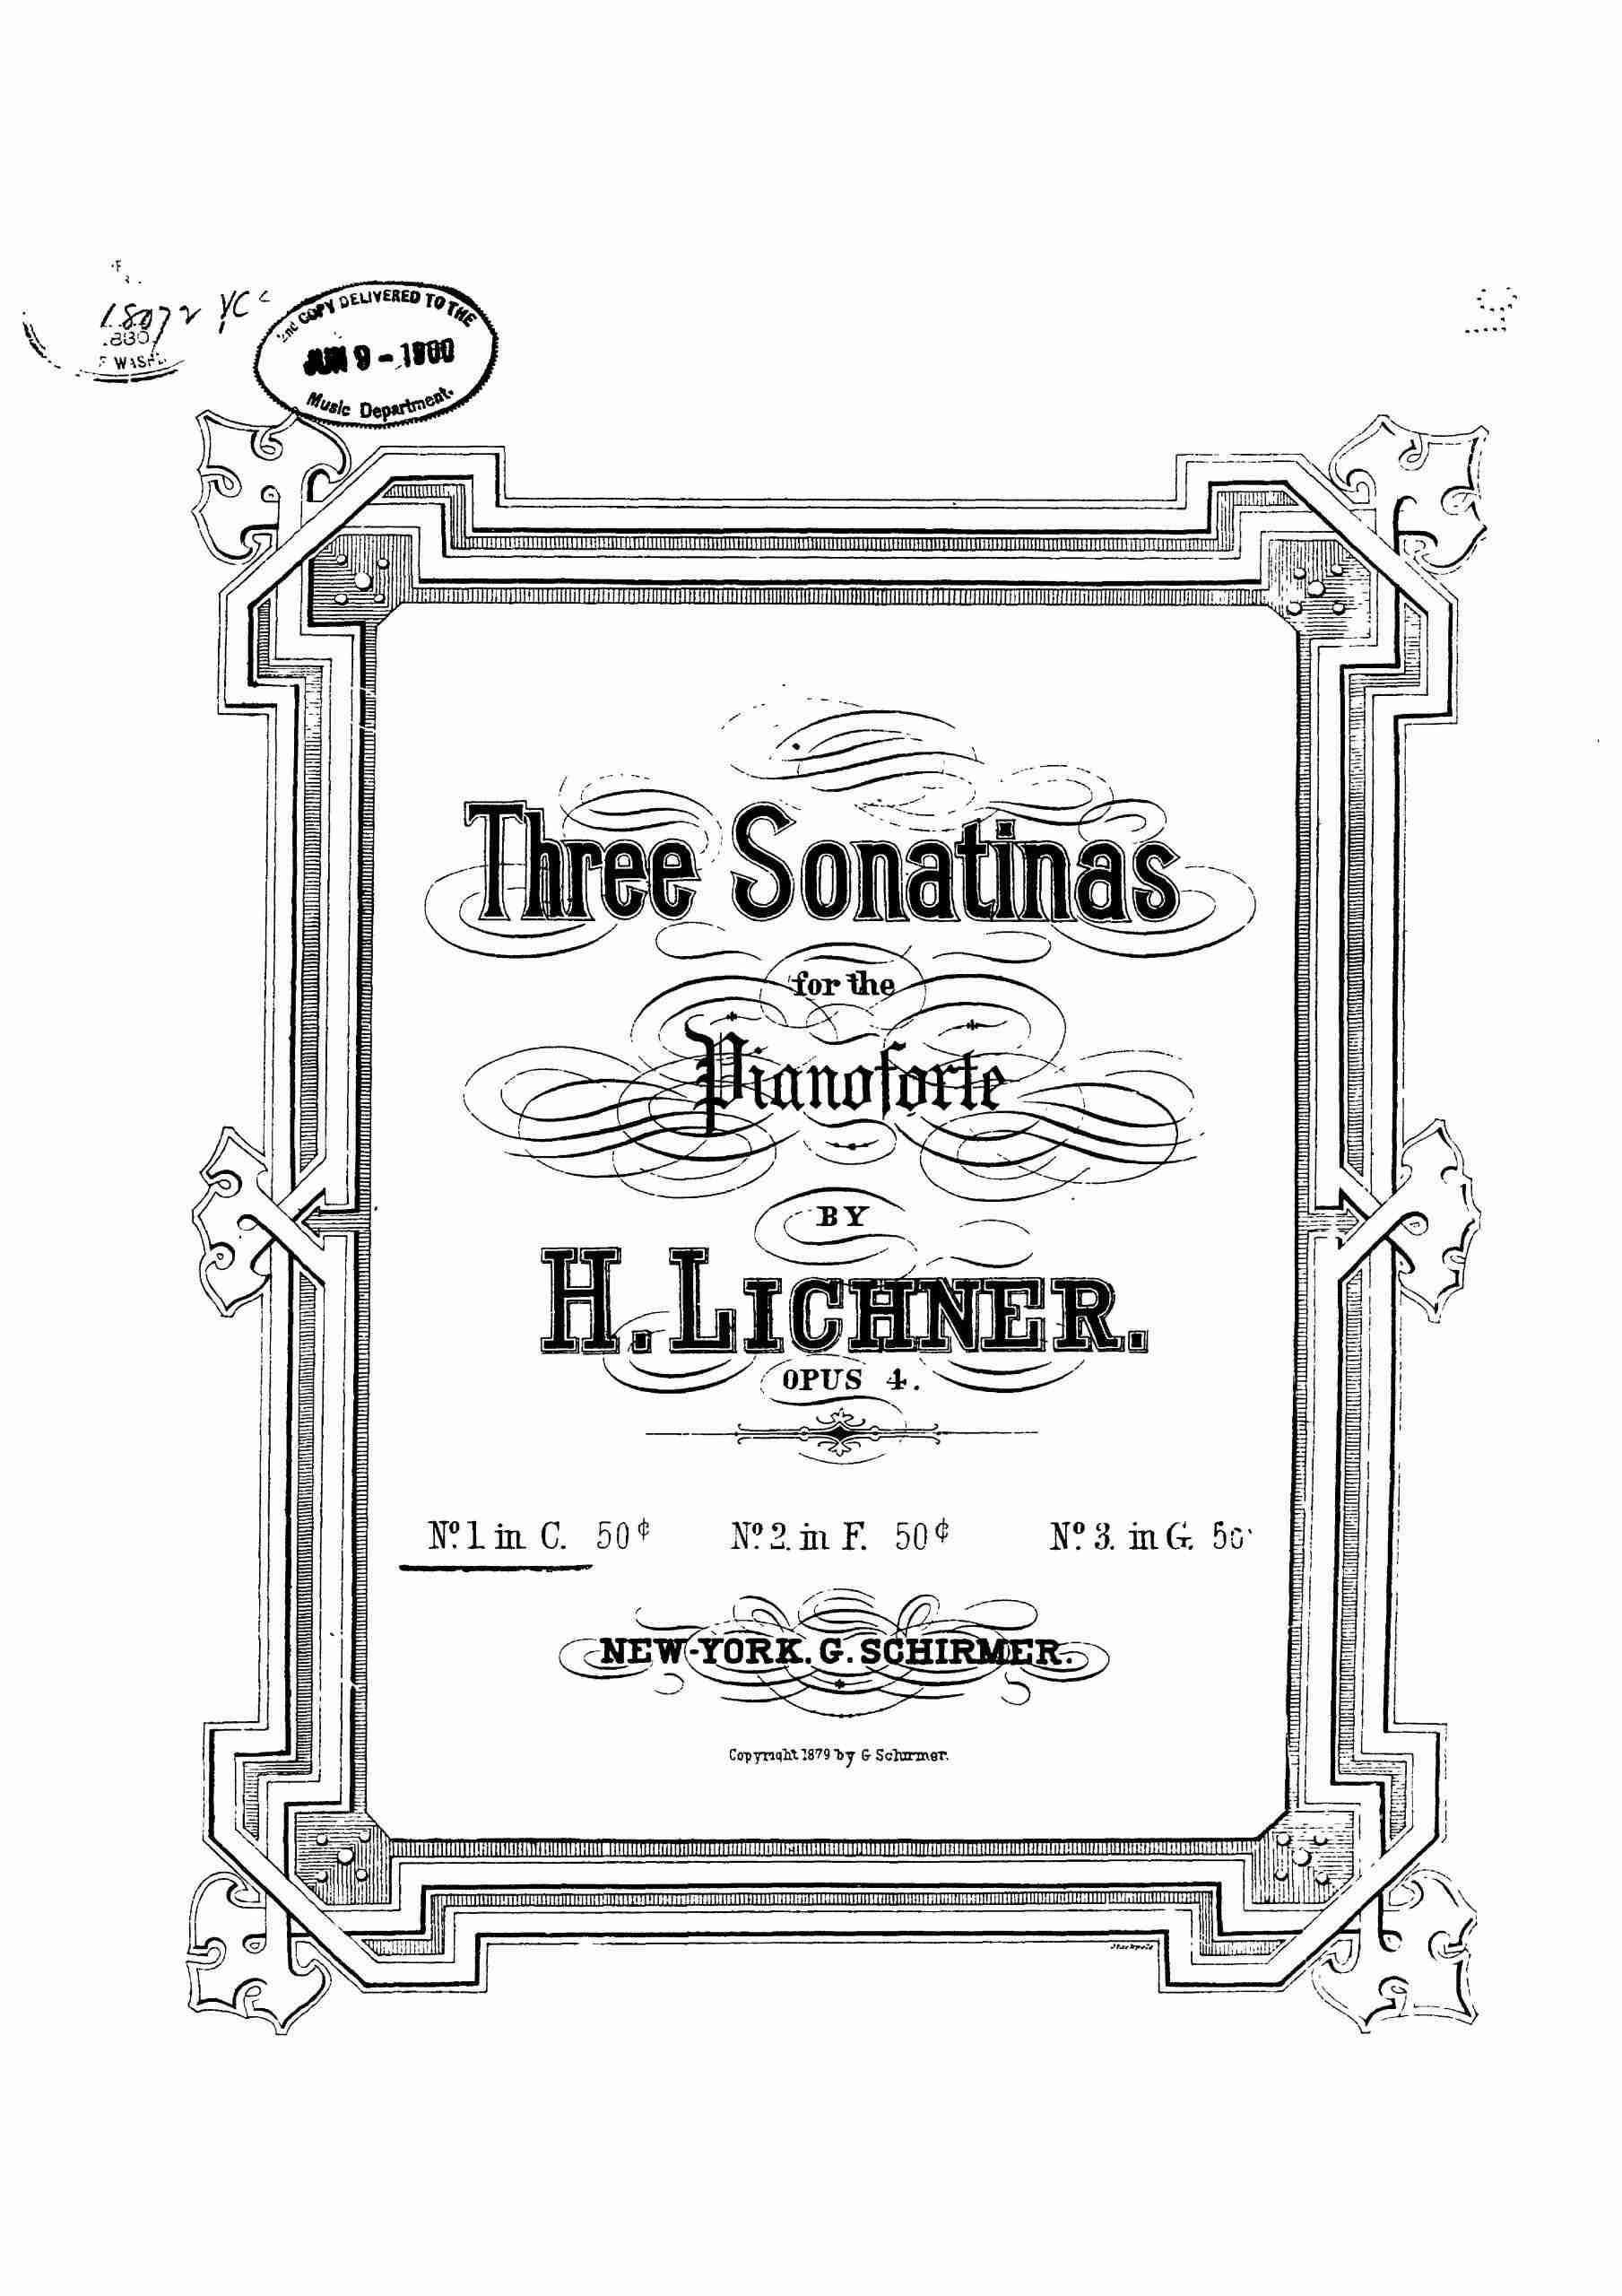 Lichner, Heinrich - 3 Piano Sonatas, Op.4 (no.1)